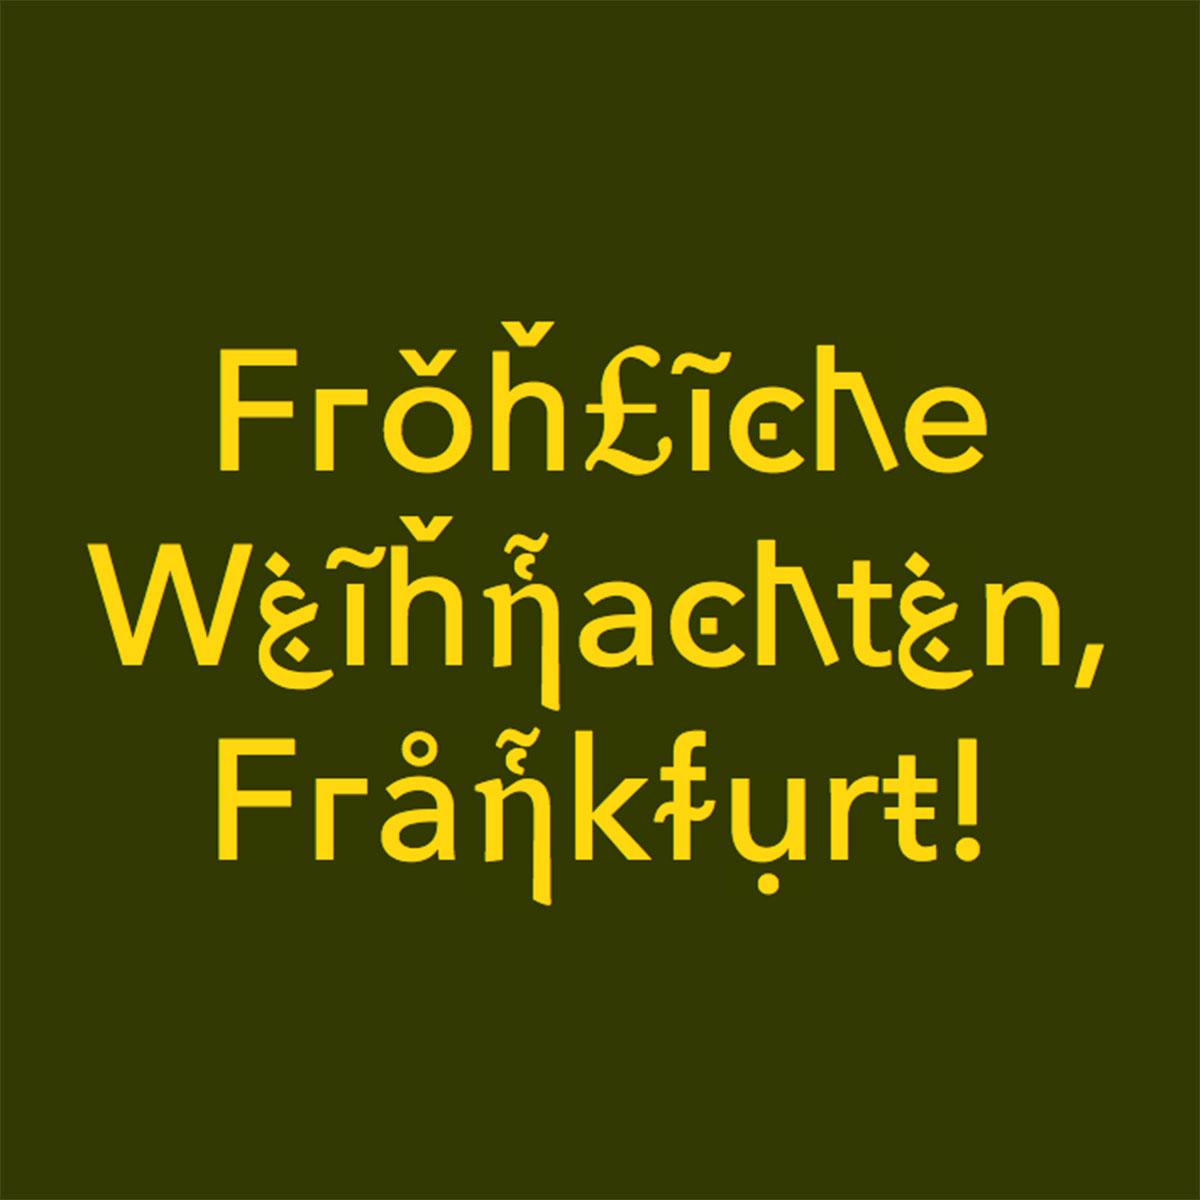 Weihnachtsgrüße Büro.Journal Frankfurt Nachrichten Die Multi Kulti Typo Weihnachtsgrüße